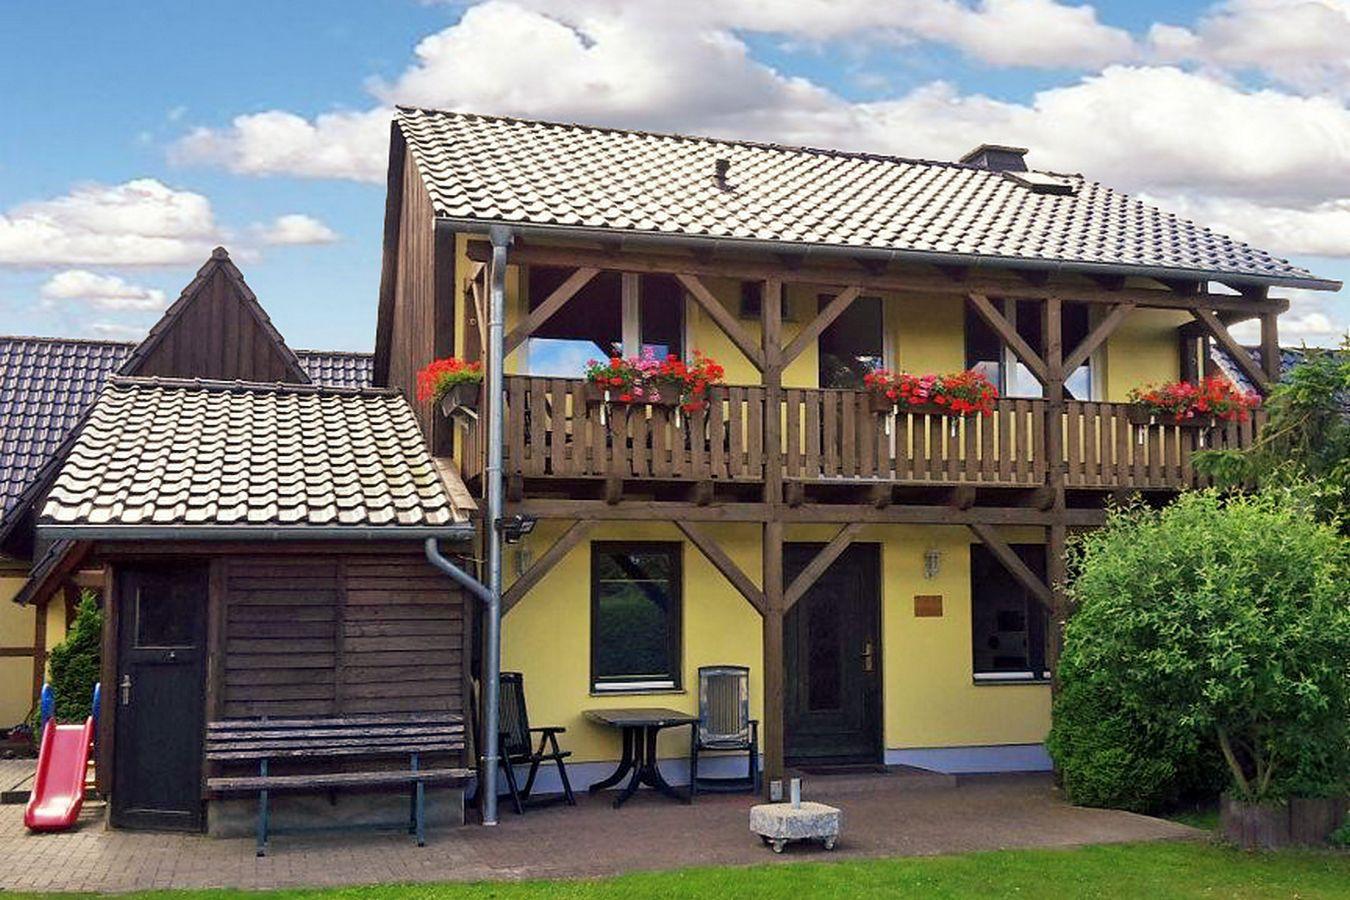 Ferienhaus Tadeltau In Waren Muritz Waren 274 Fur 4 Personen